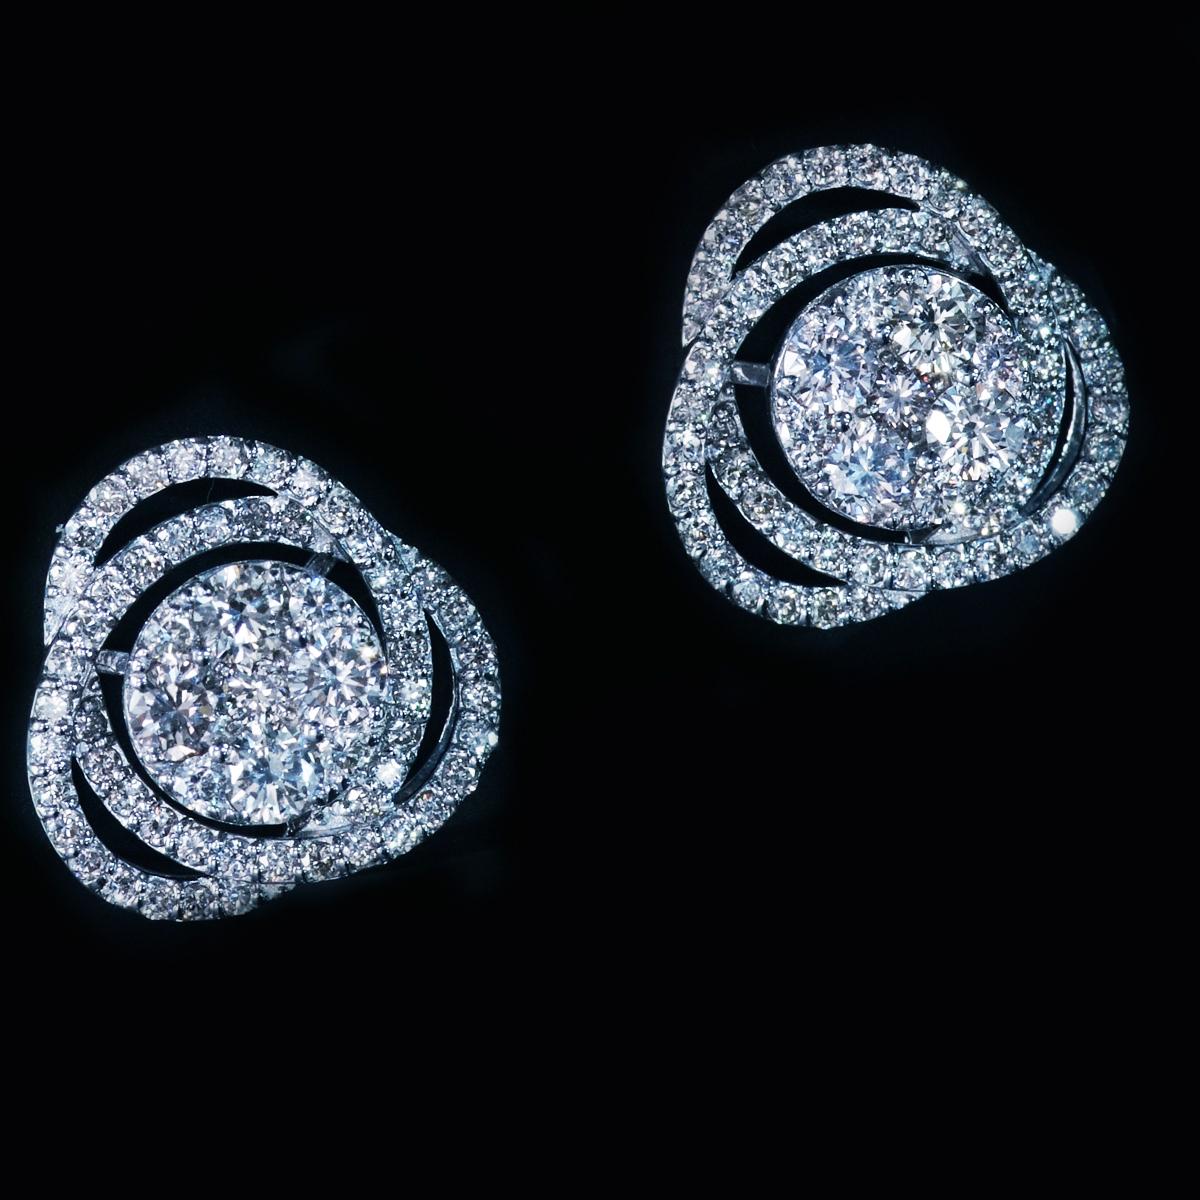 *PE3892 1円【BC新作ウェディングコレクション】天然絶品ダイヤモンド1.40ct 最高級18金WG無垢男女兼用ピアス 新品